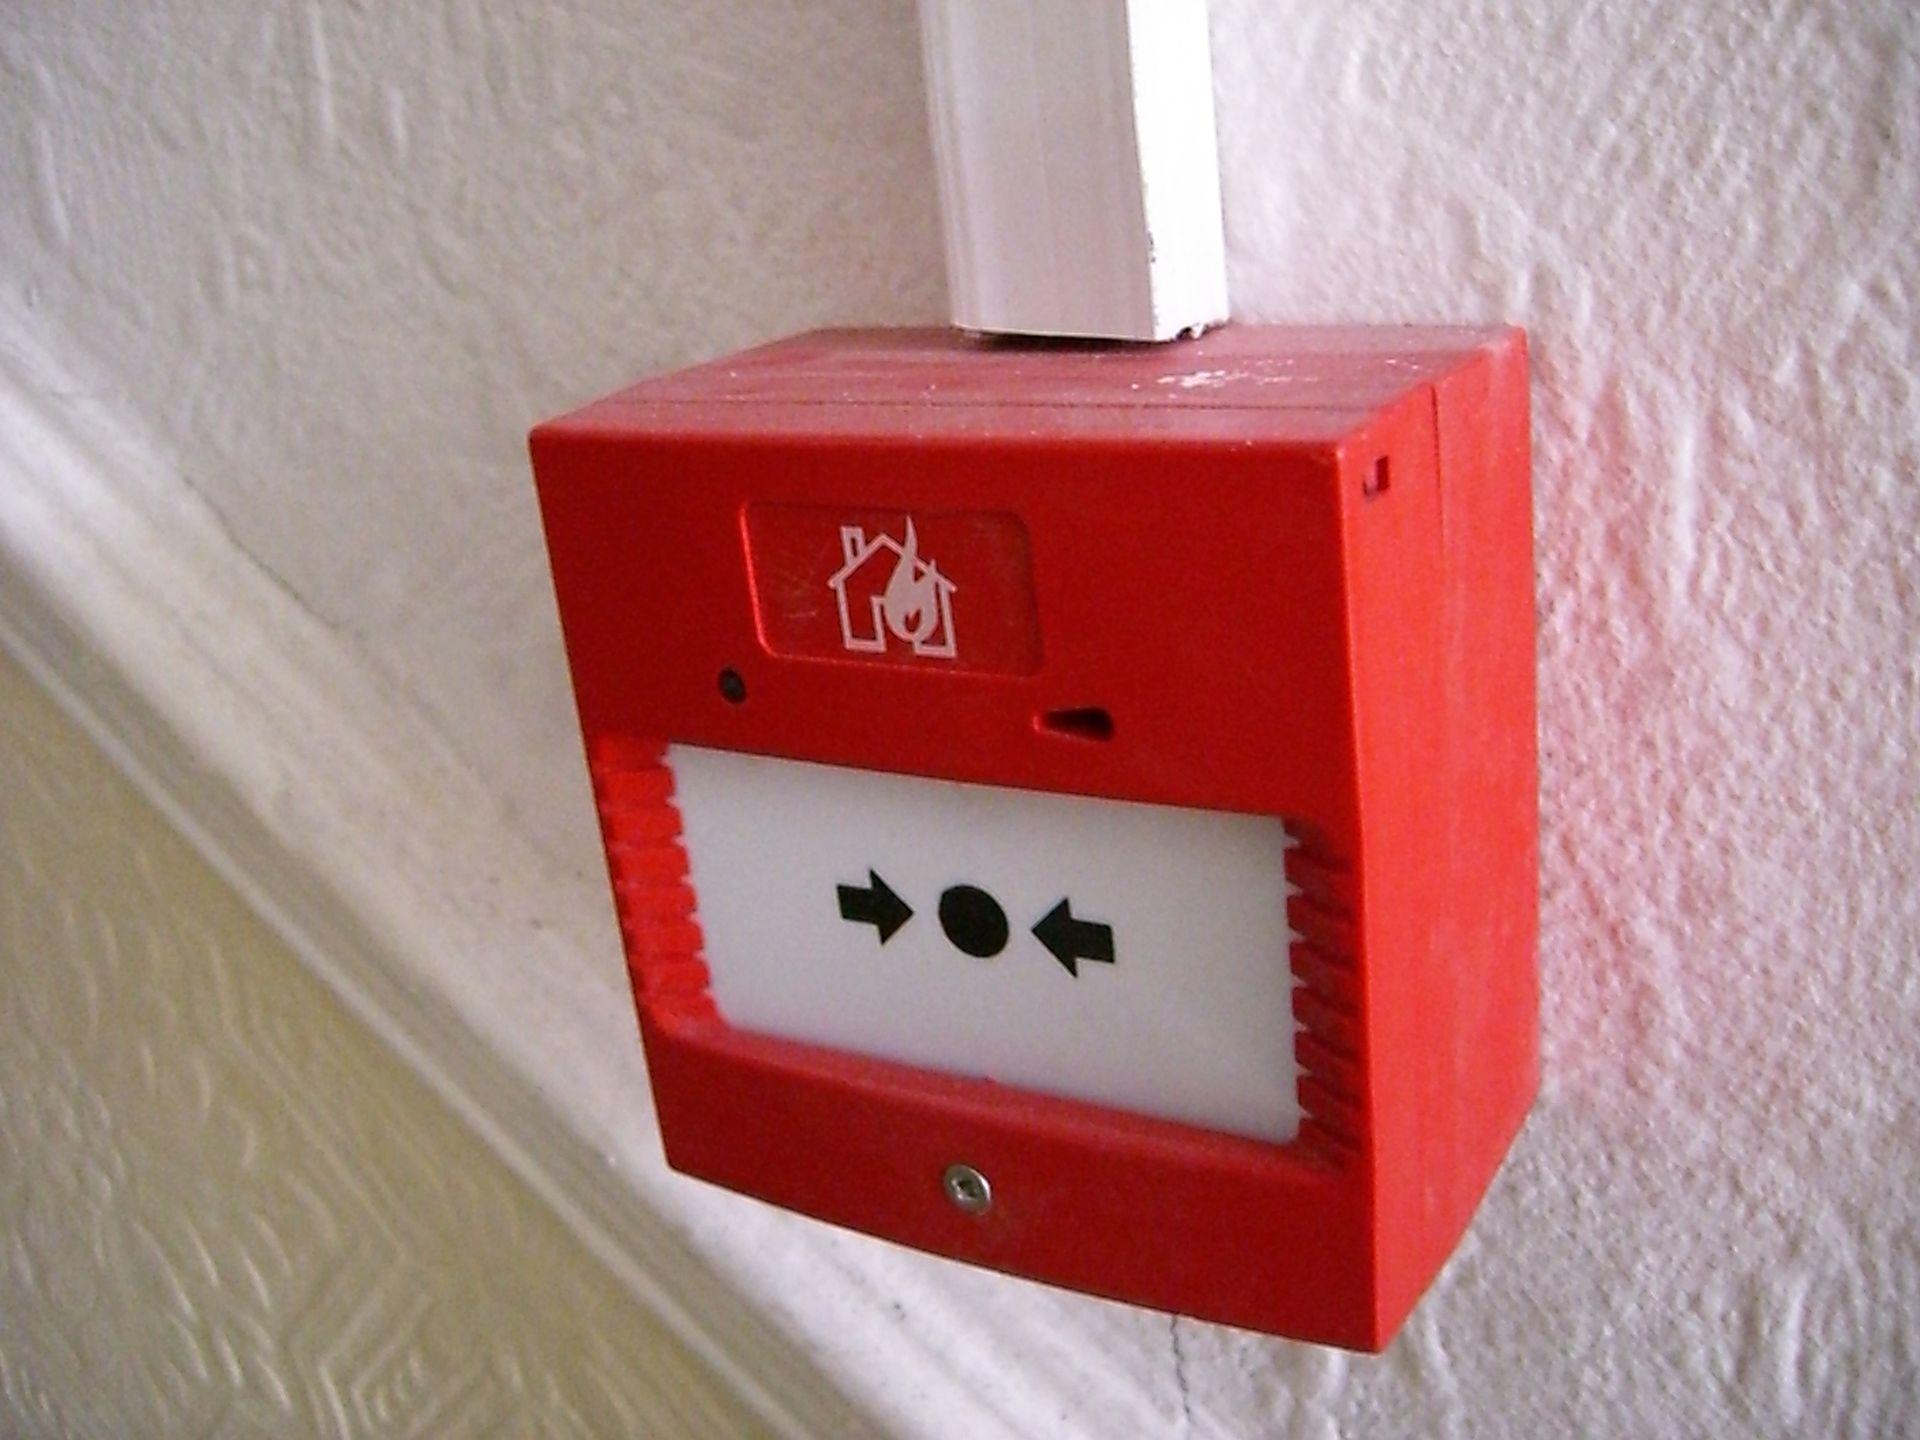 d clencheur manuel d 39 alarme incendie wikip dia. Black Bedroom Furniture Sets. Home Design Ideas